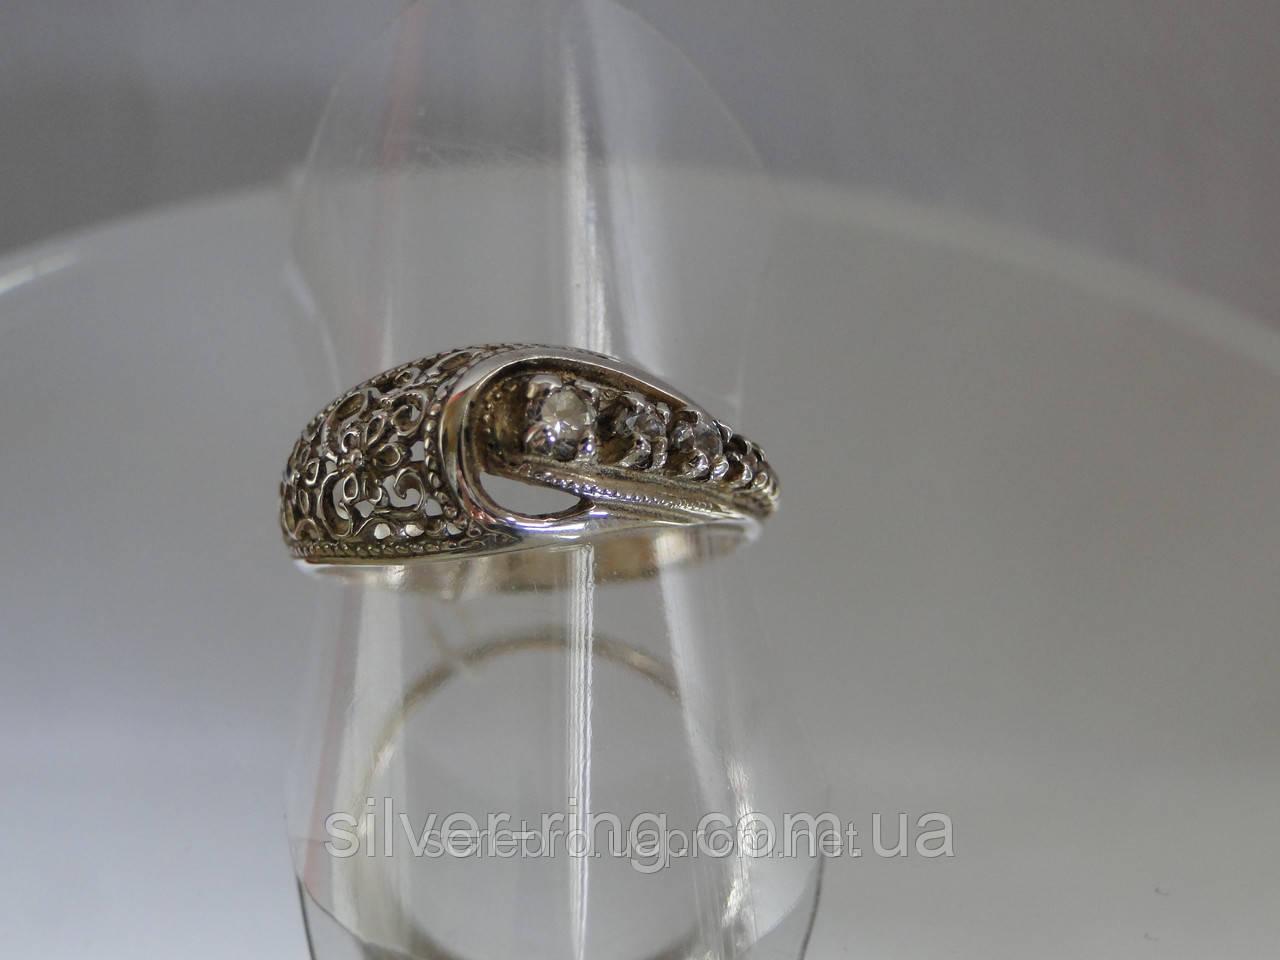 Филигранное кольцо для женщин